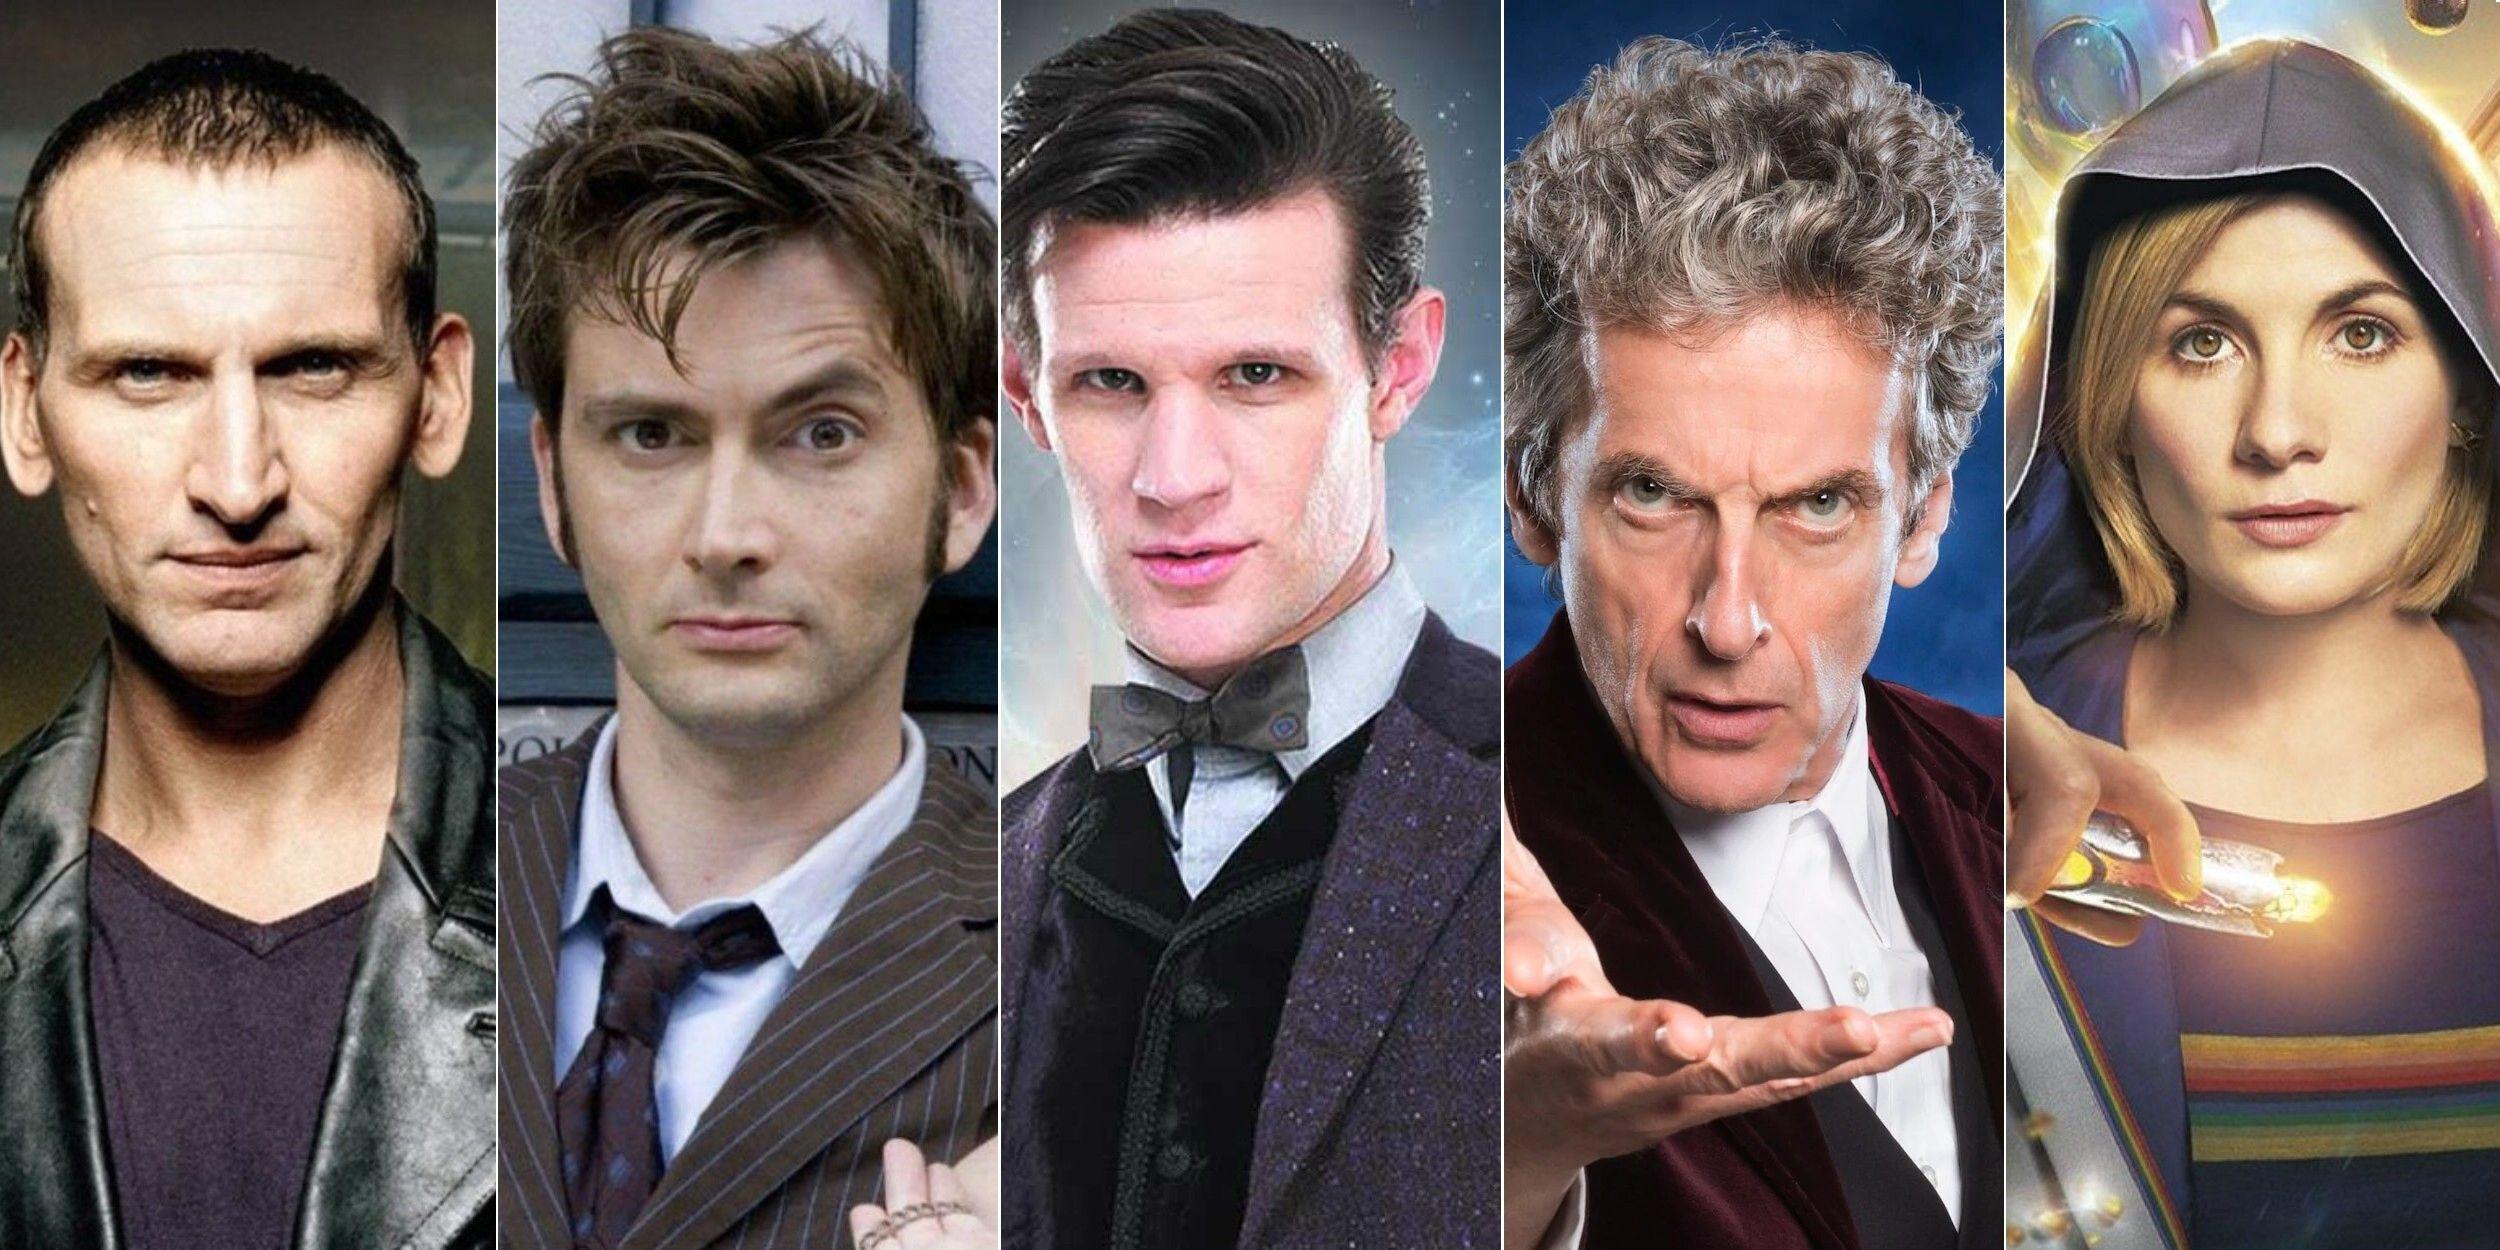 Doctor Who: Jodie Whittaker supostamente saindo após a 13ª temporada [ATUALIZADO] 1